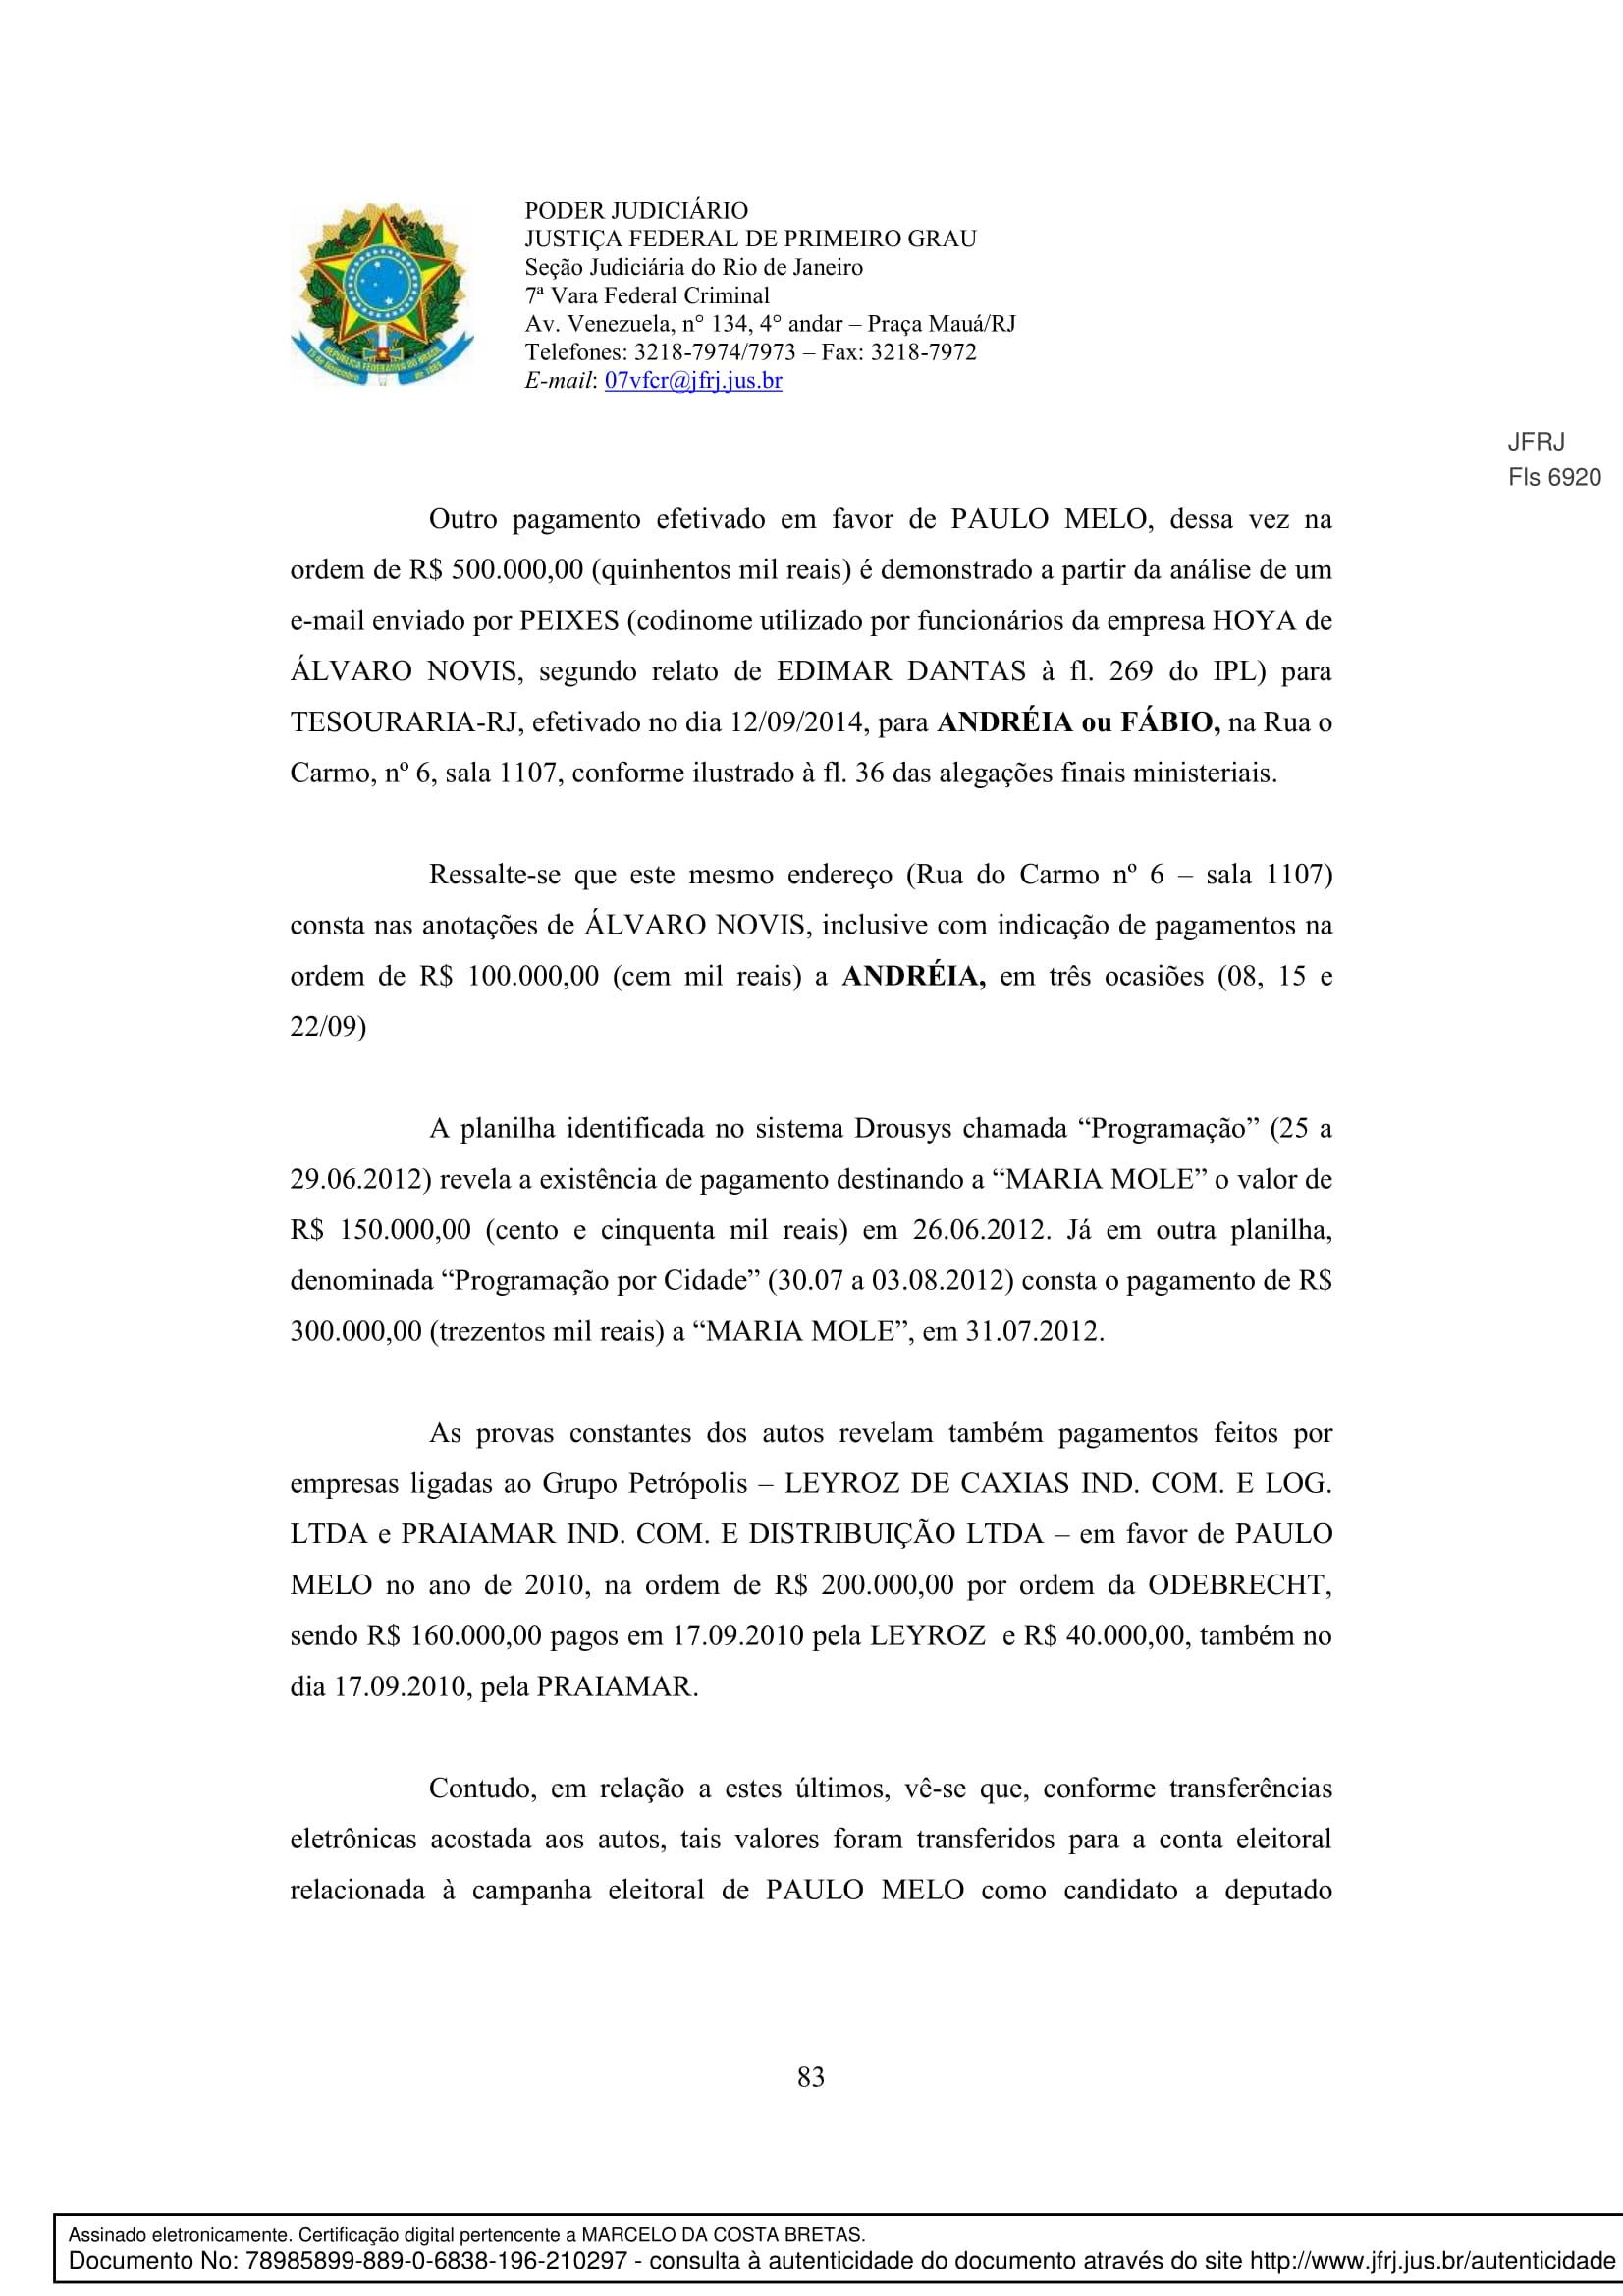 Sentenca-Cadeia-Velha-7VFC-083